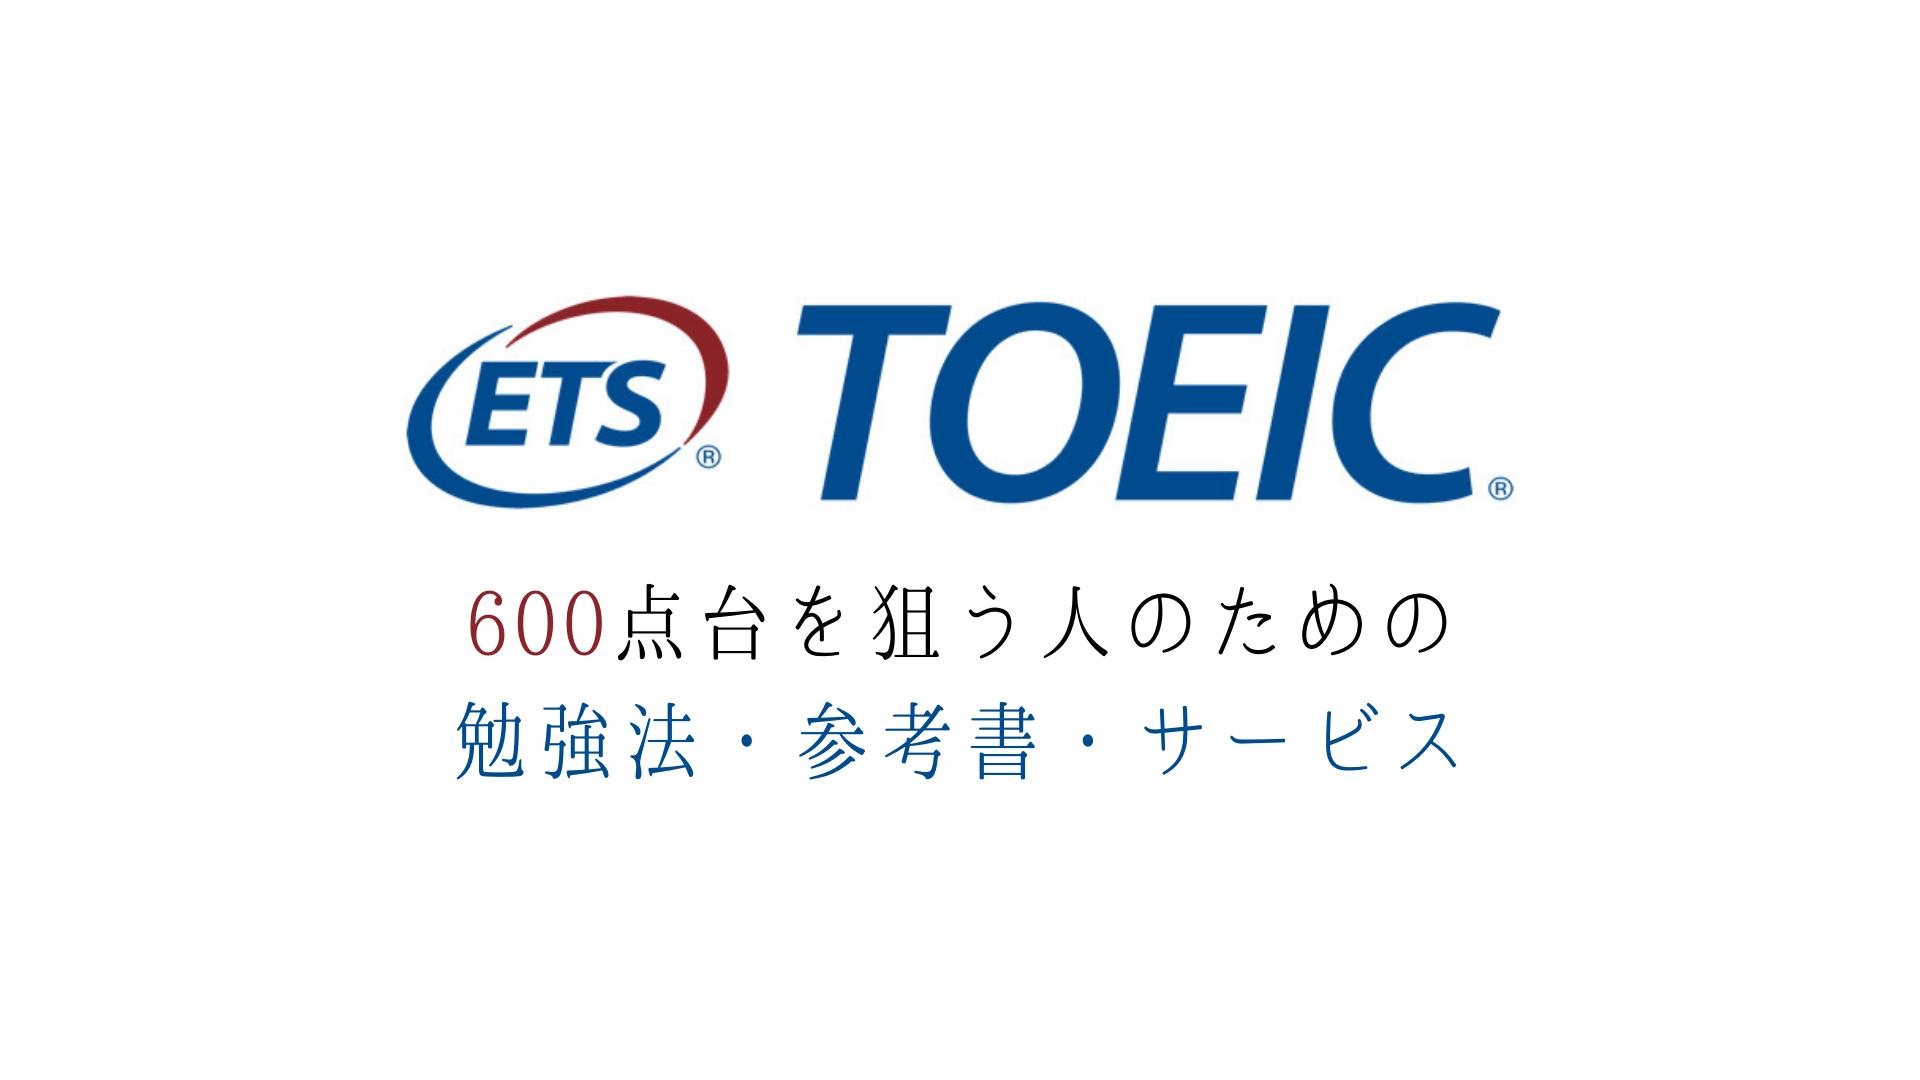 3ヶ月でTOEIC600点台を達成するオススメ勉強法・参考書・サービス